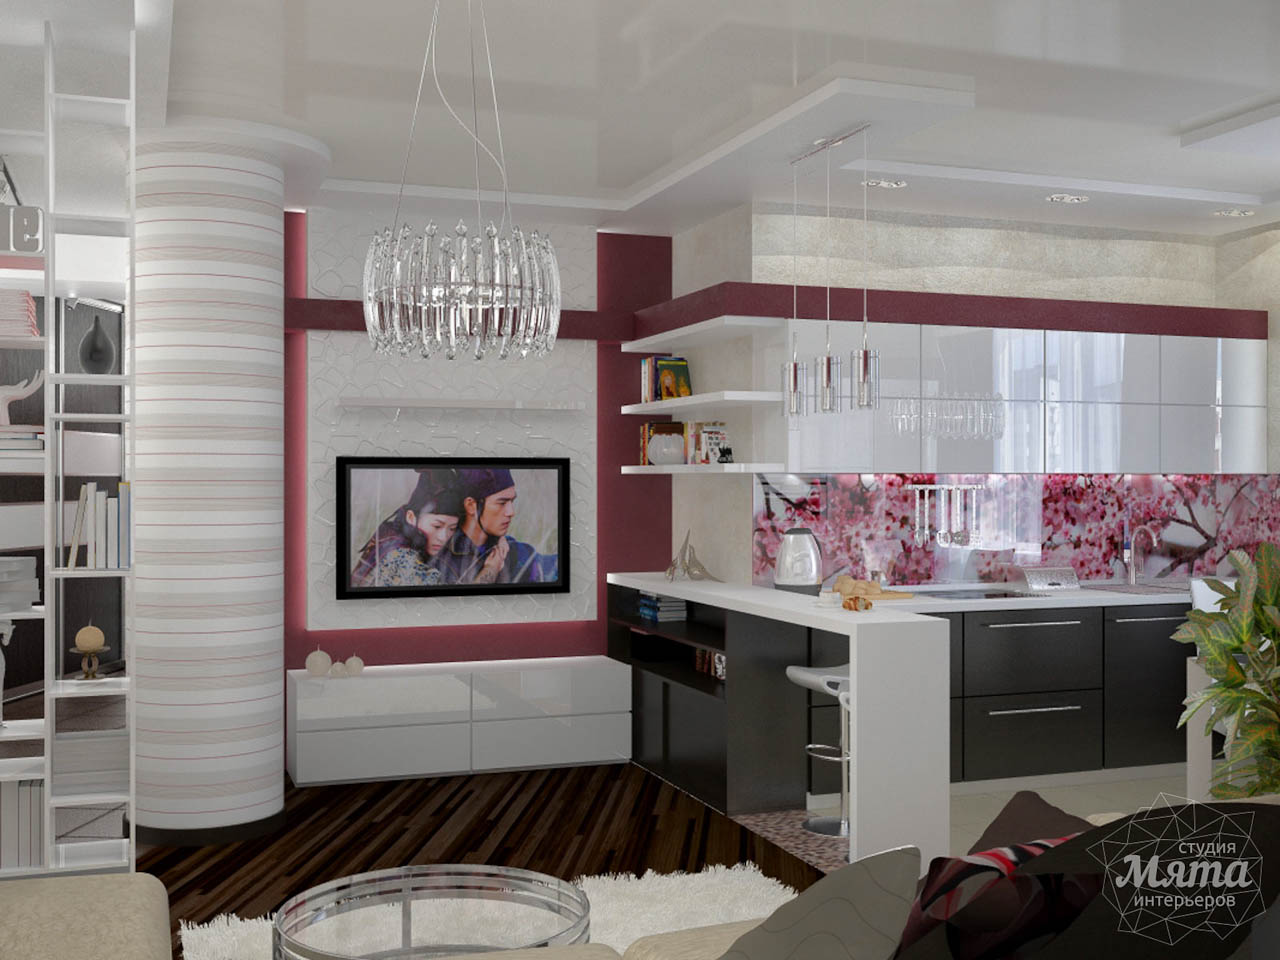 Дизайн интерьера и ремонт трехкомнатной квартиры по ул. Попова 33а img982695258